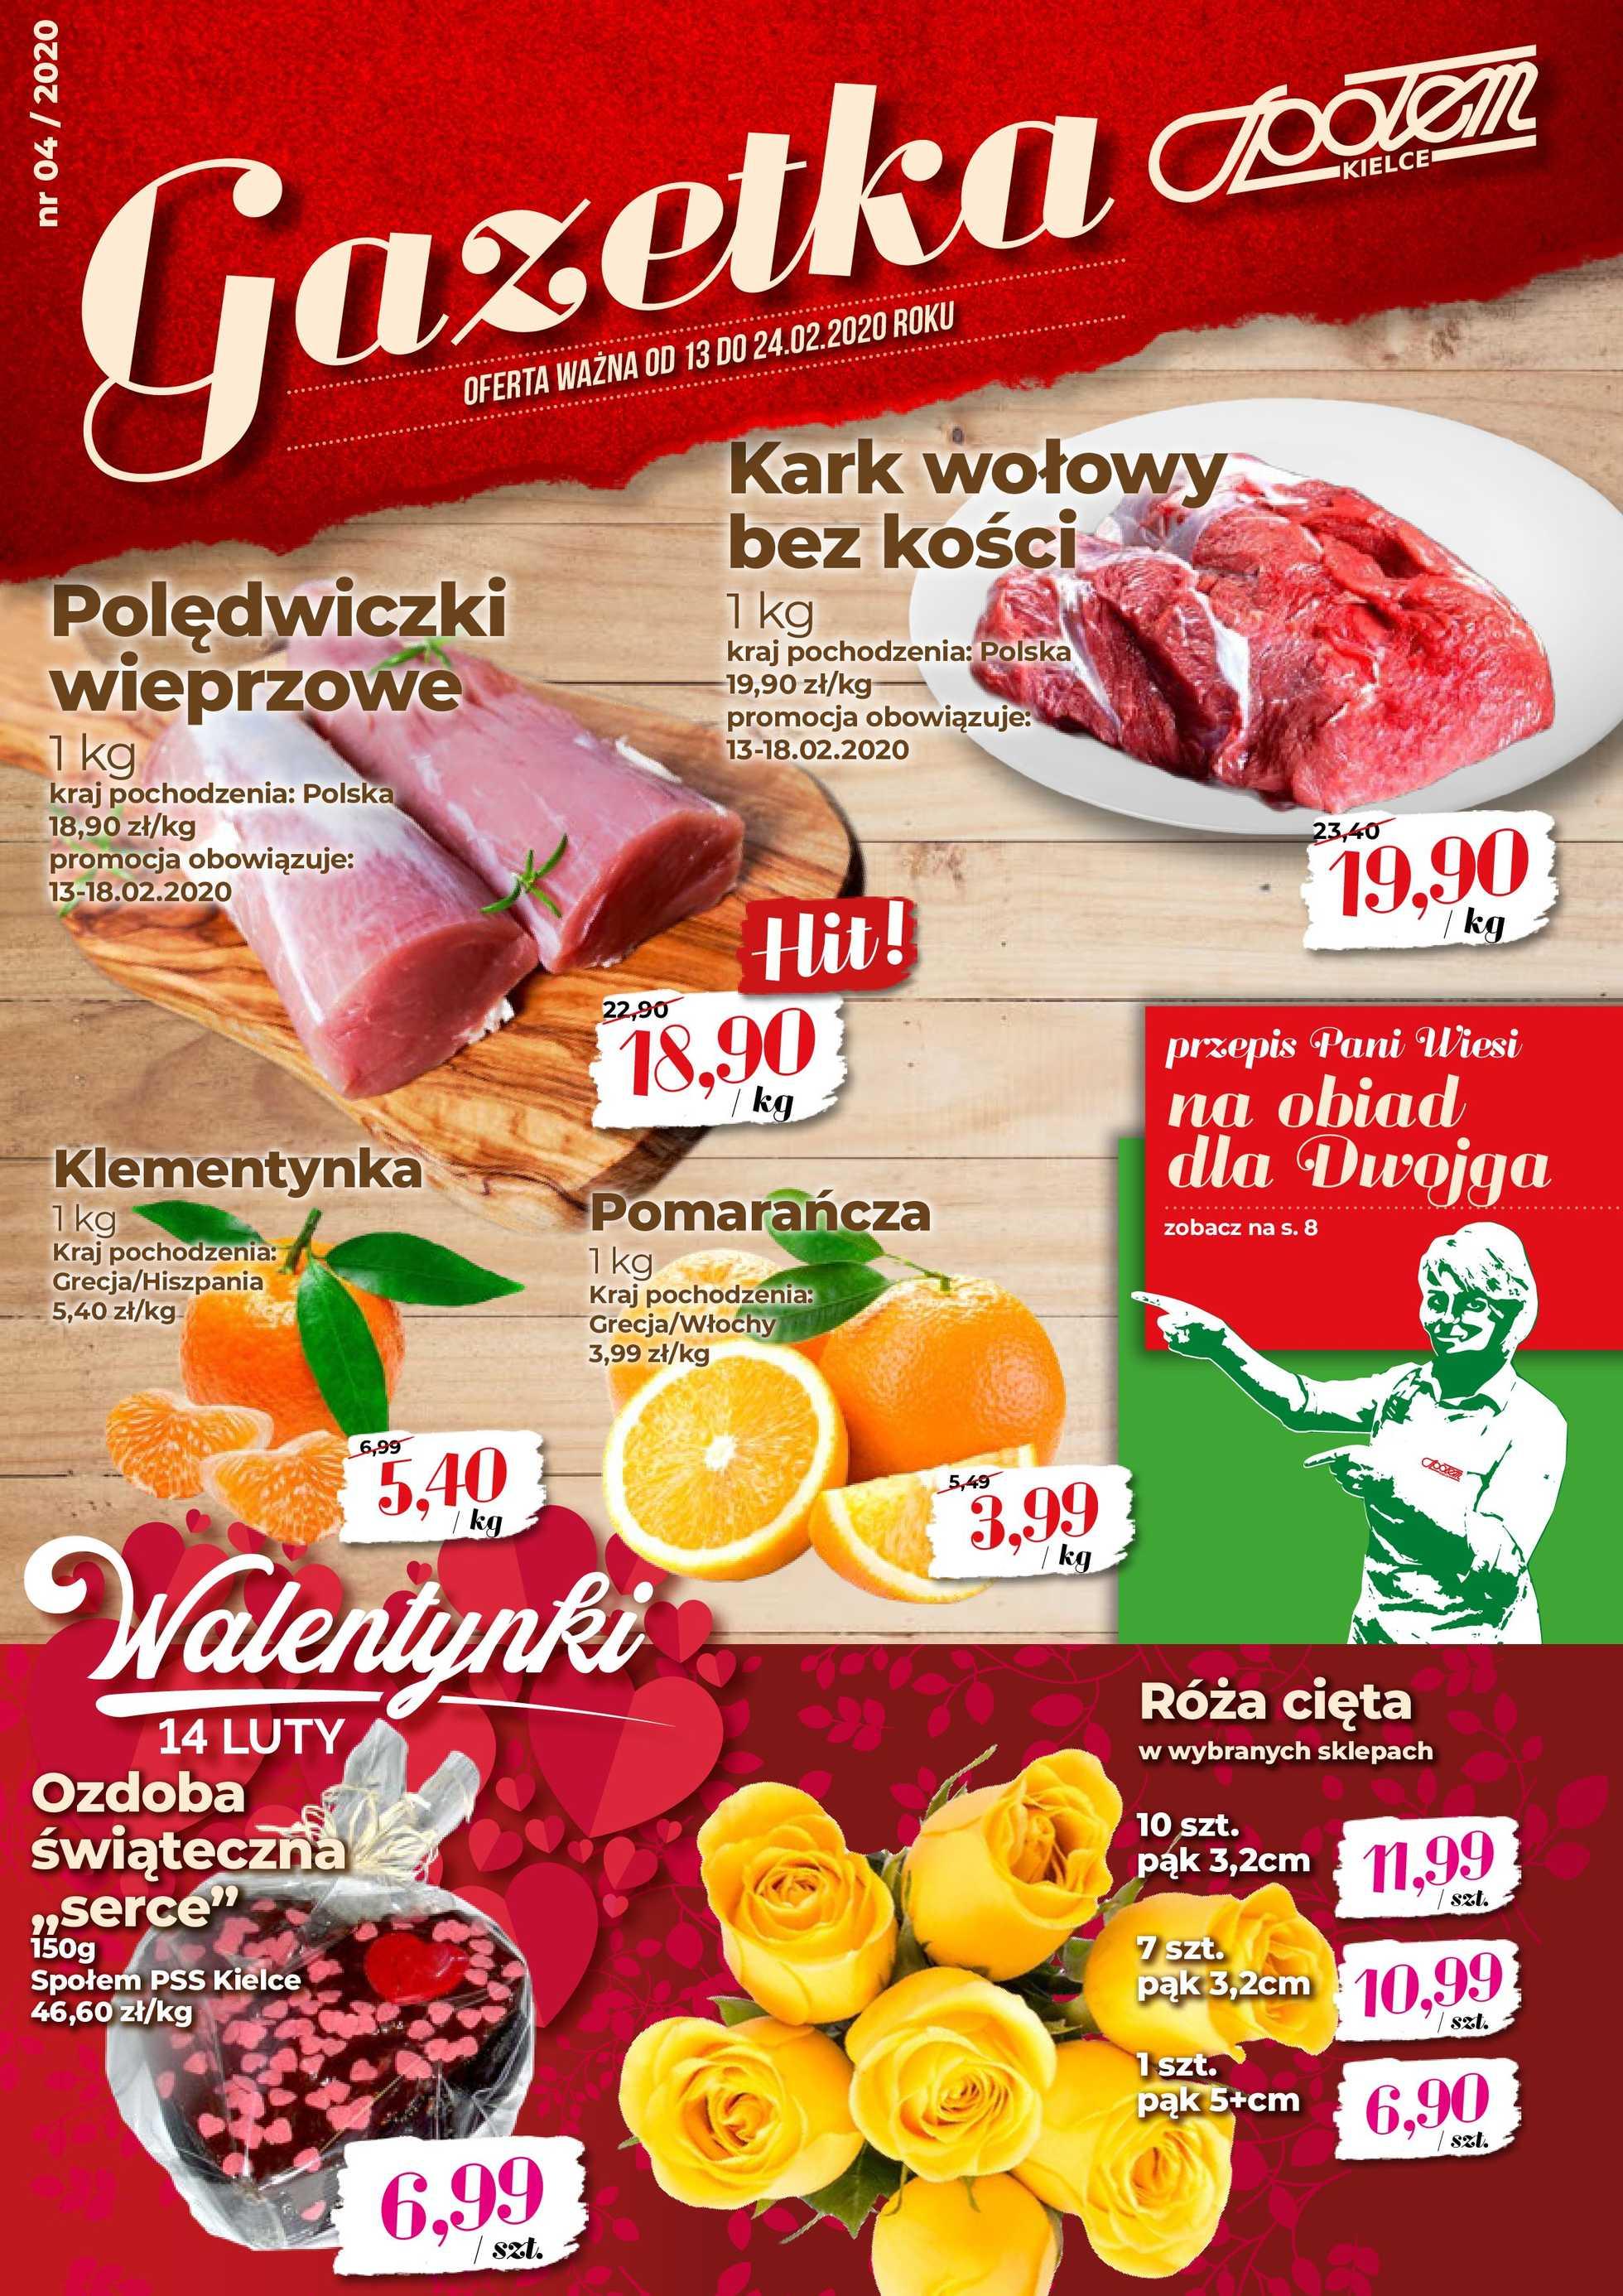 Społem Kielce - gazetka promocyjna ważna od 13.02.2020 do 24.02.2020 - strona 1.